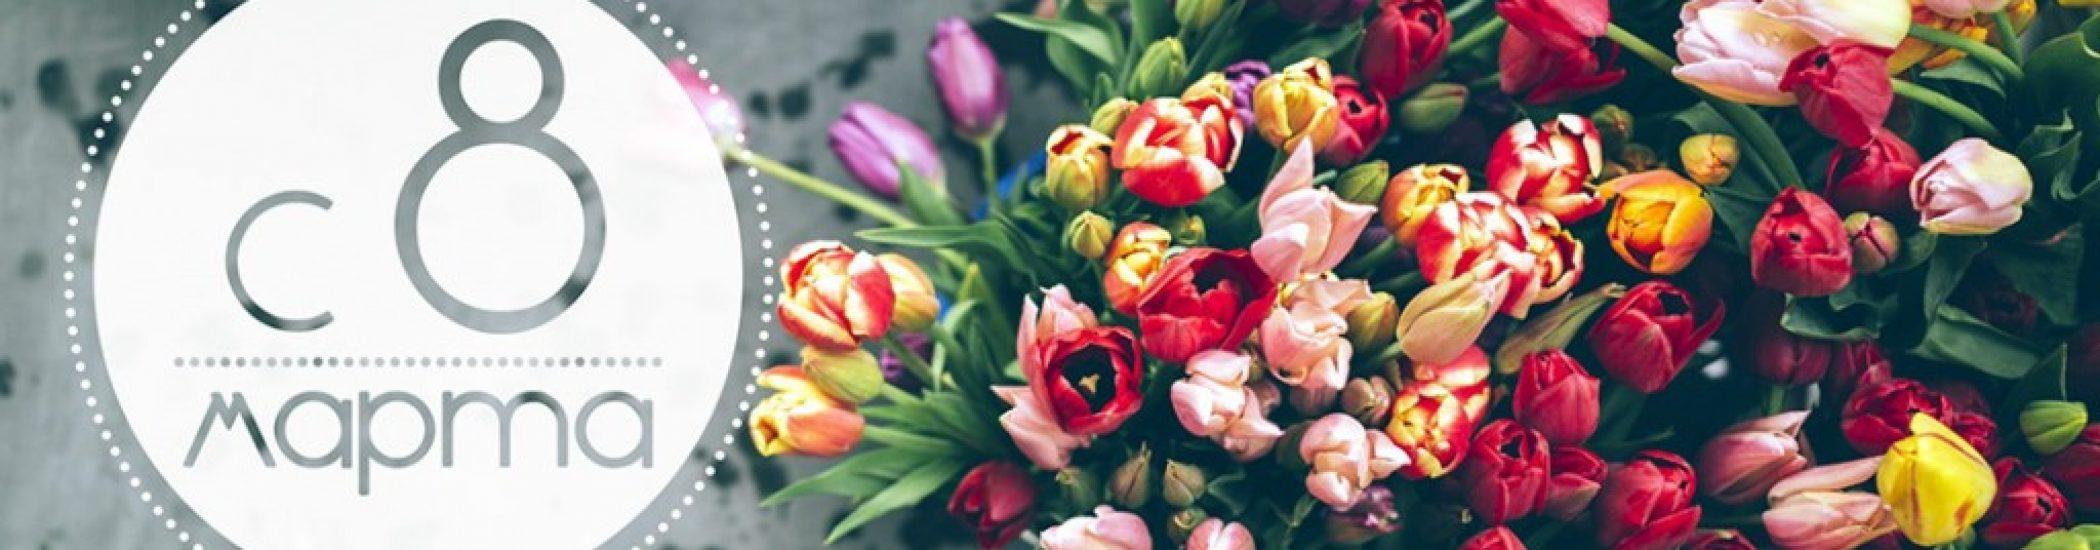 Весны! Любви! Счастья!